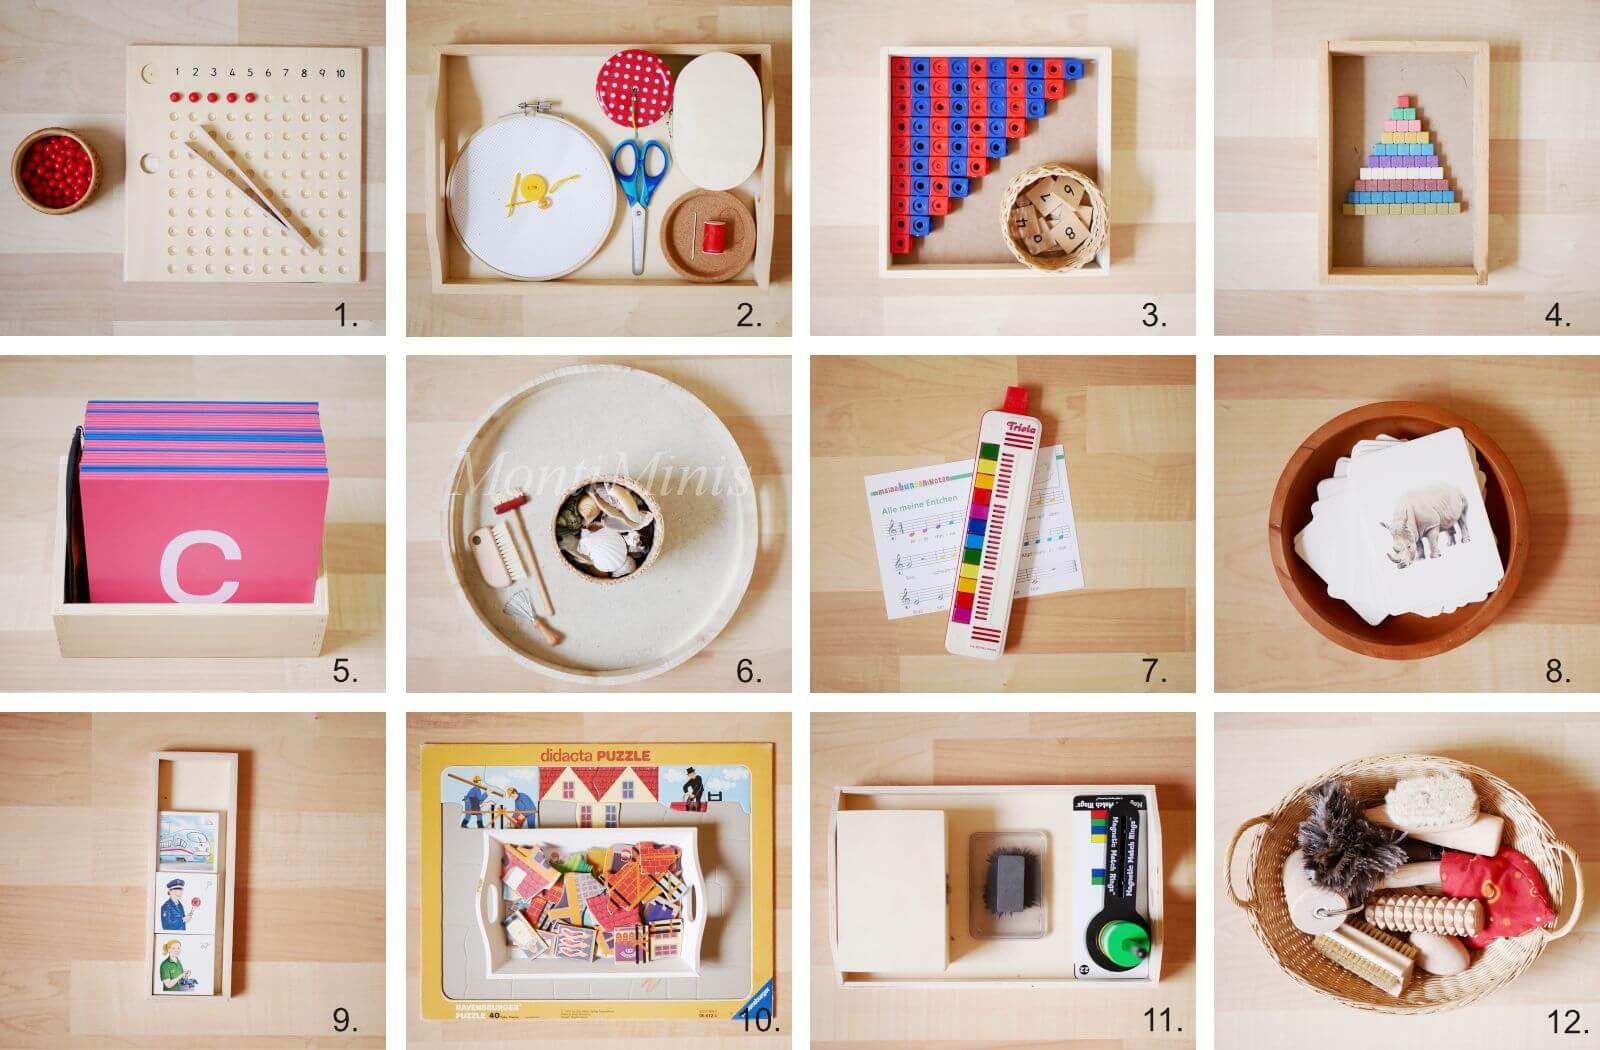 Montessori Zuhause: Auf seinem Montessori Regal mit 3,5 Jahren, Montessori Kinderzimmer, Spielideen nach Montessori für Kinder, Montessori shelf, Montessori selbstgemacht | MontiMinis.com